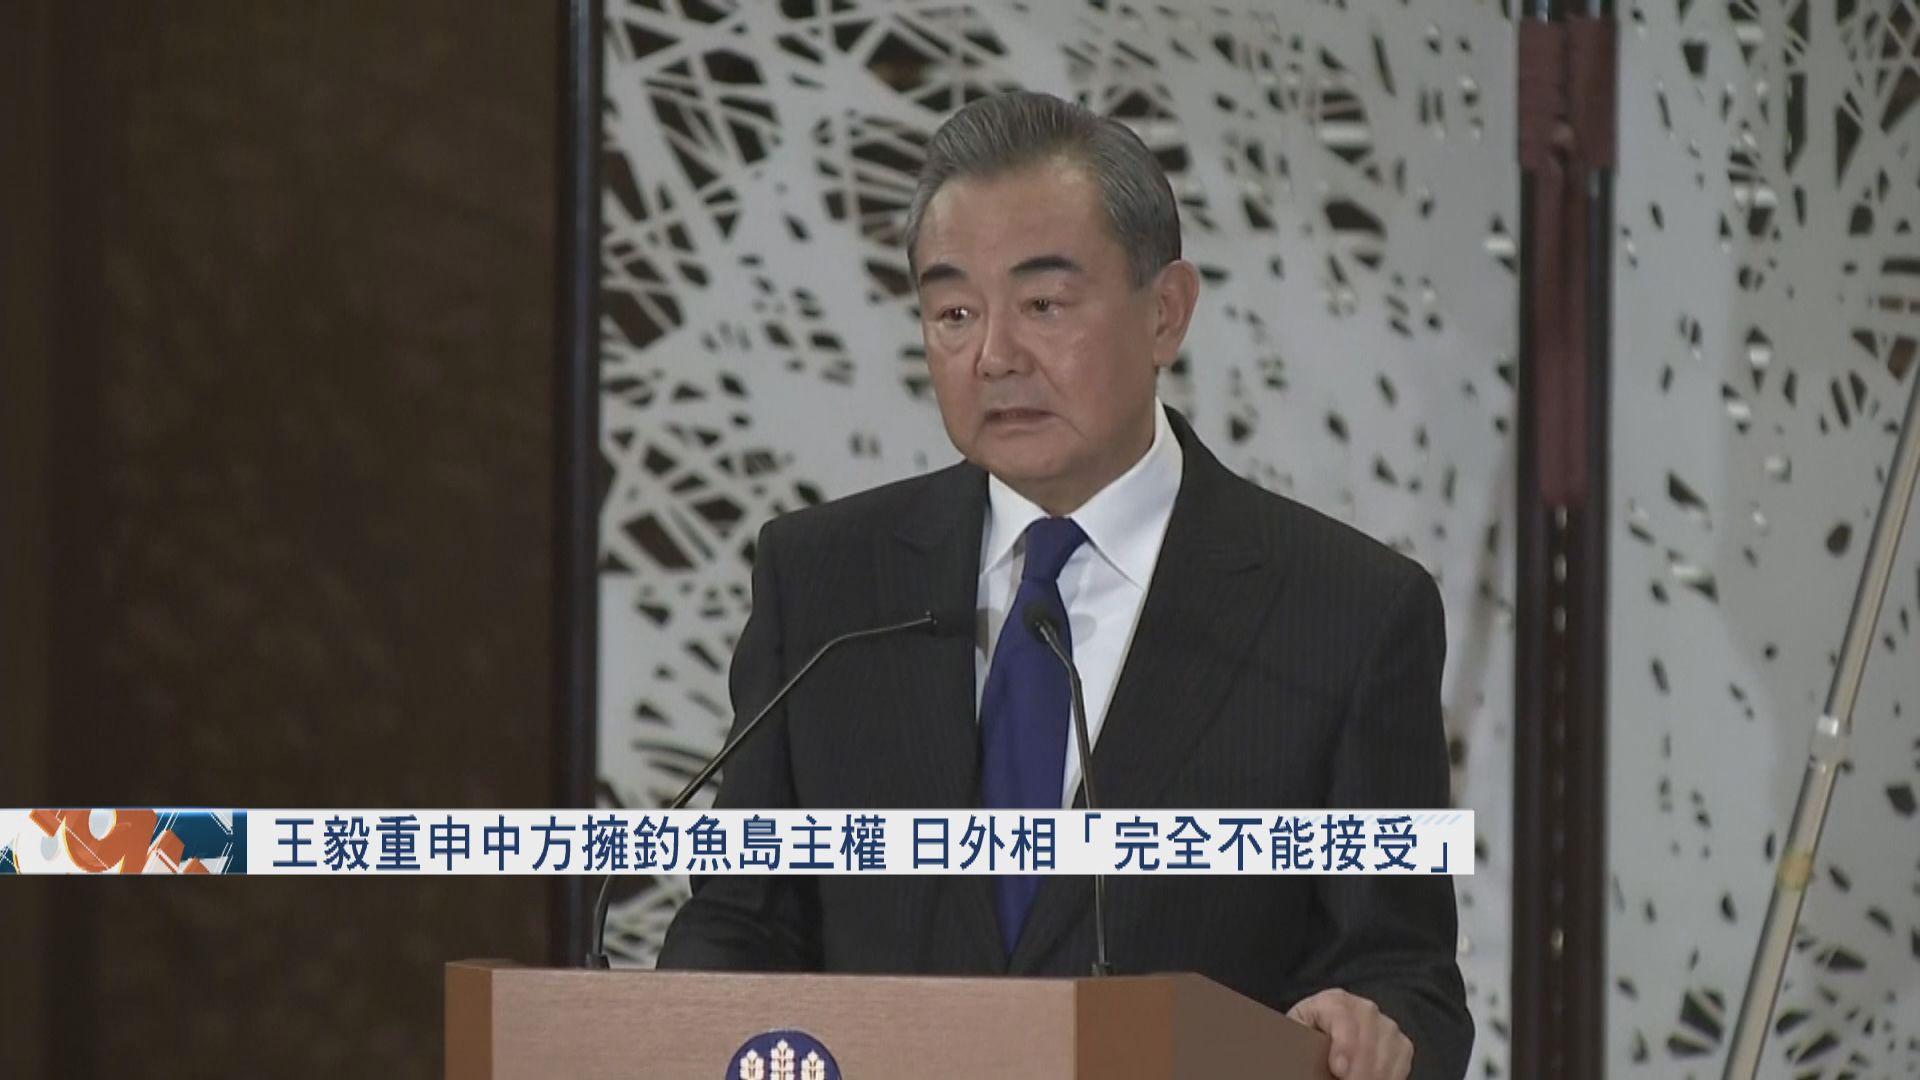 王毅重申中方擁釣魚島主權 日外相:完全不能接受